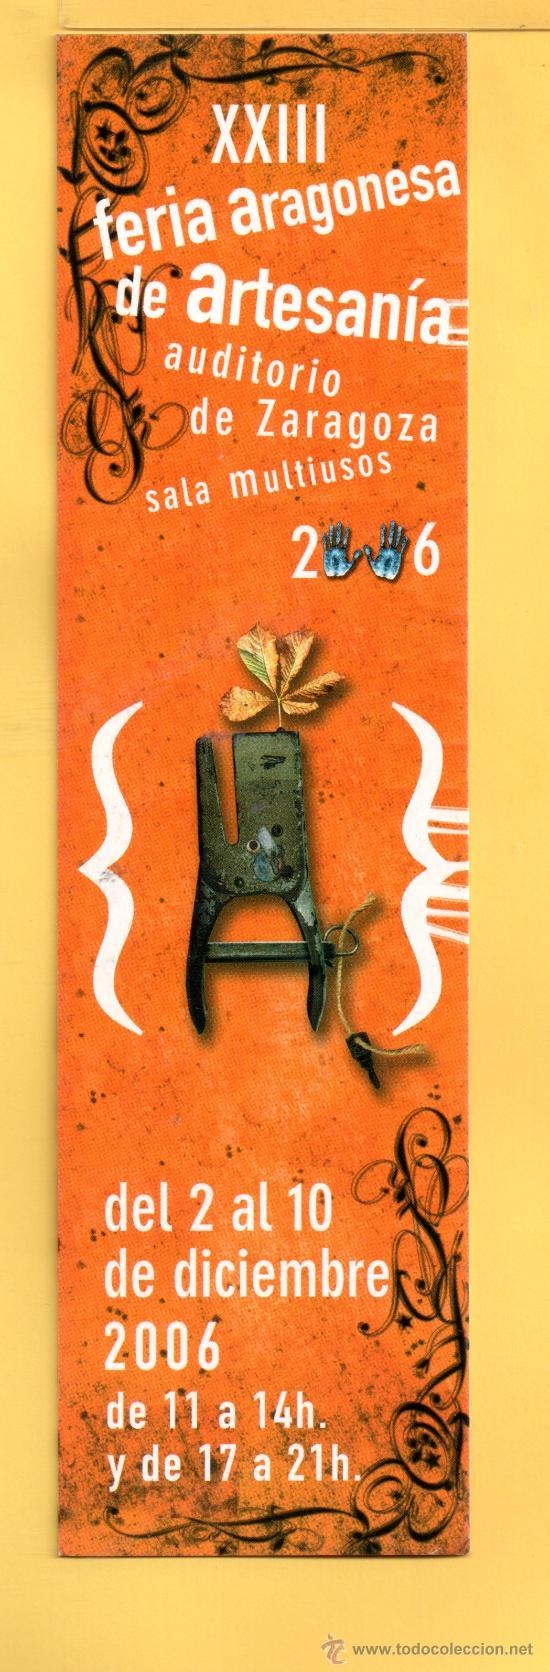 MARCAPÁGINAS DE FERIA ARAGONESA XXIII AÑO 2006 (Coleccionismo - Marcapáginas)